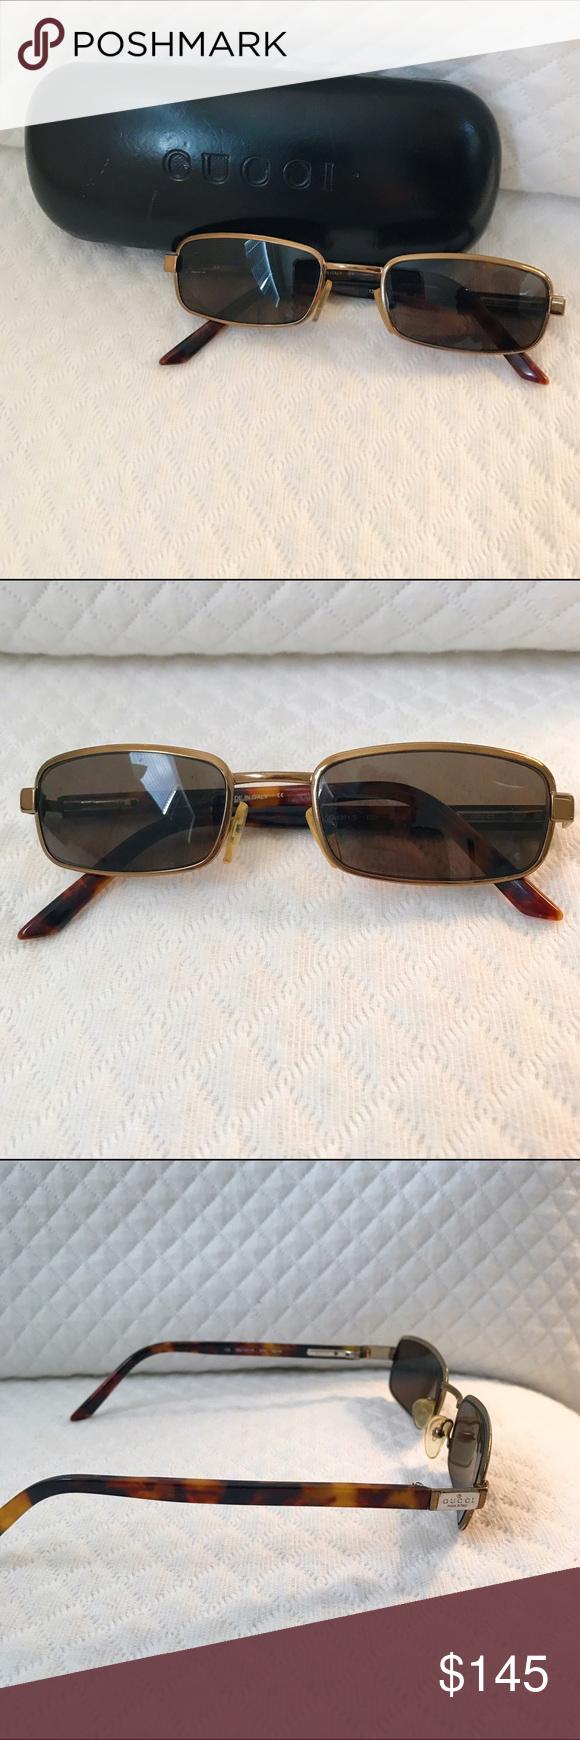 GUCCI Sunglasses - GG 1371/S